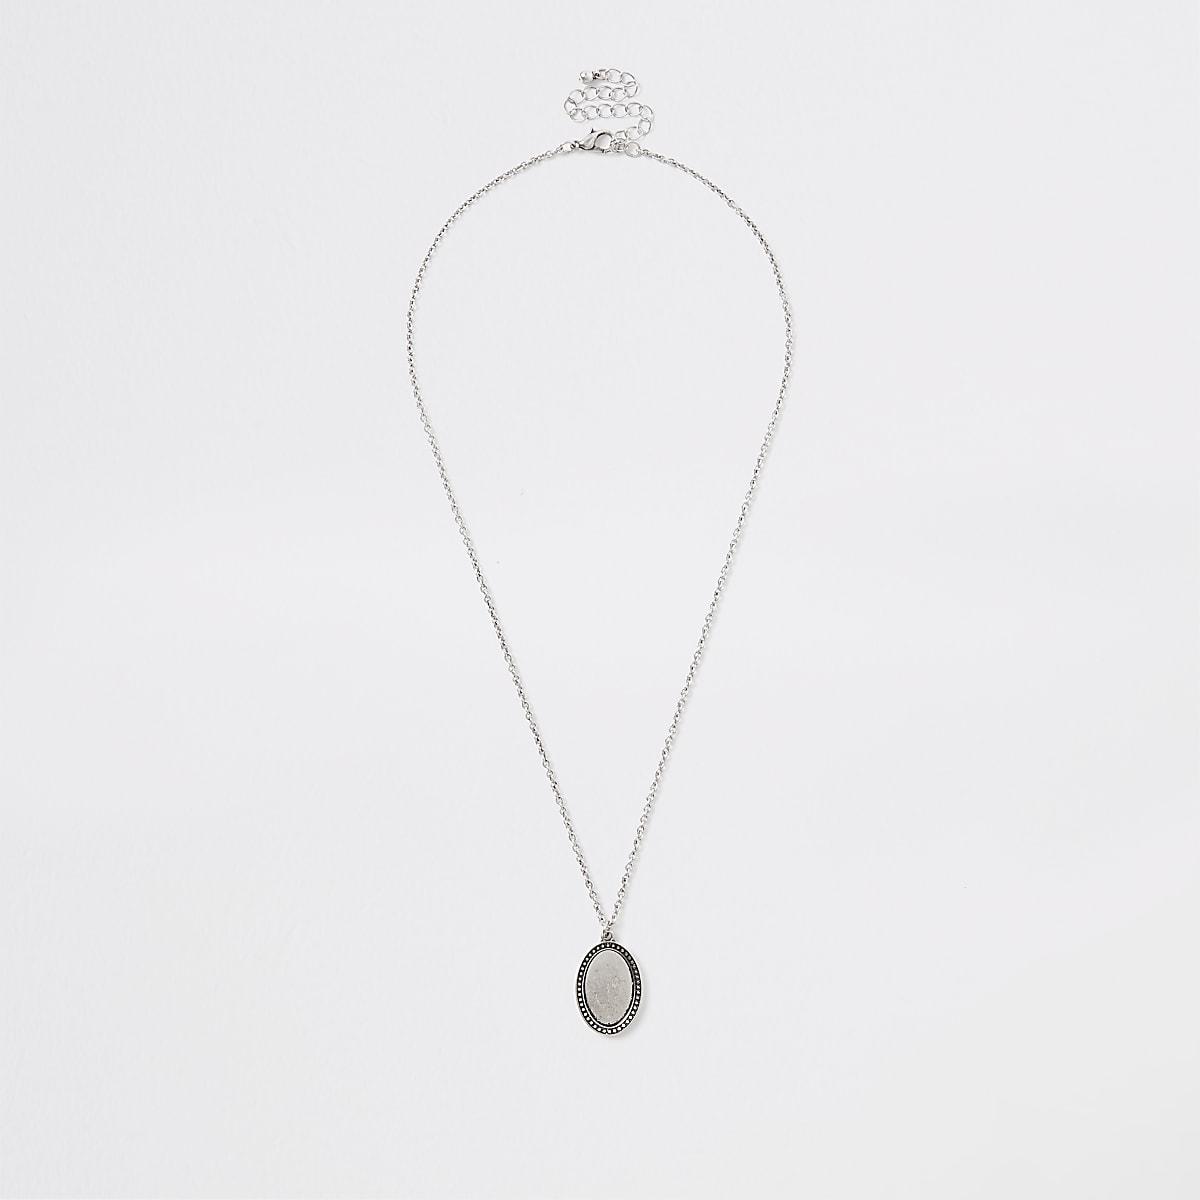 Collier ovale argenté